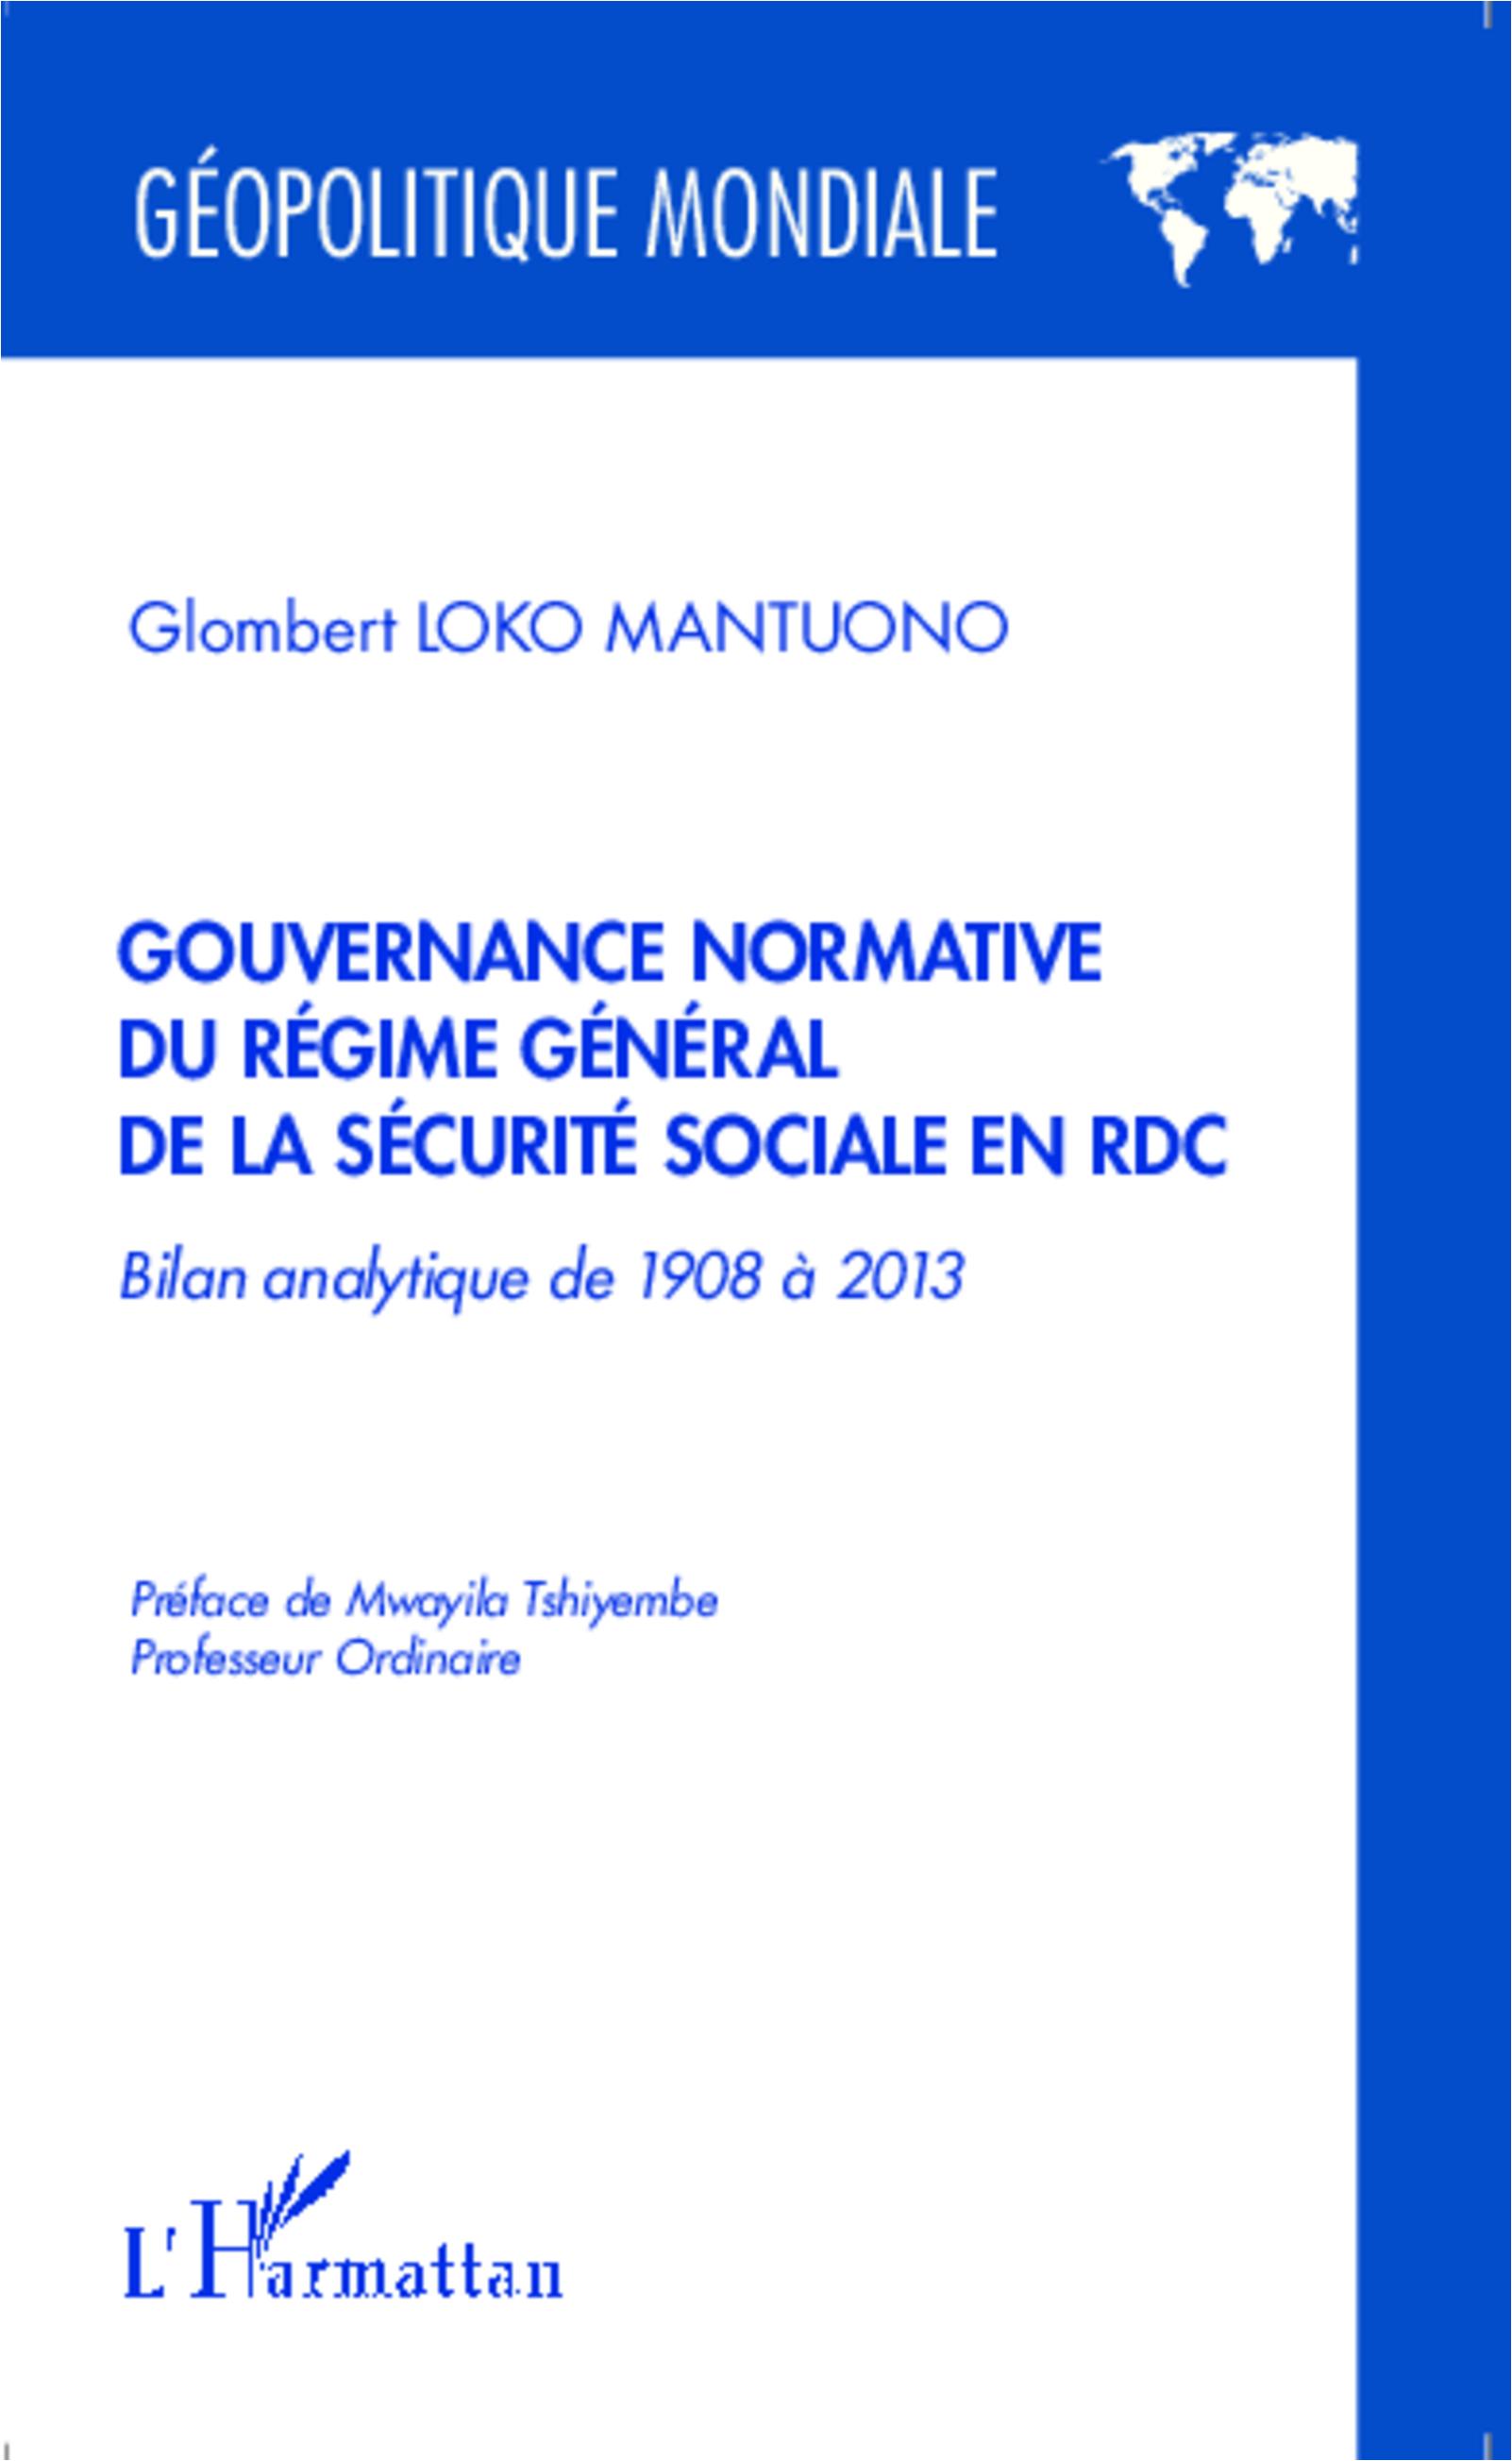 Gouvernance normative du r gime g n ral de la s curit sociale en rdc bilan analytique de 1908 - Plafond de la securite sociale 2013 ...